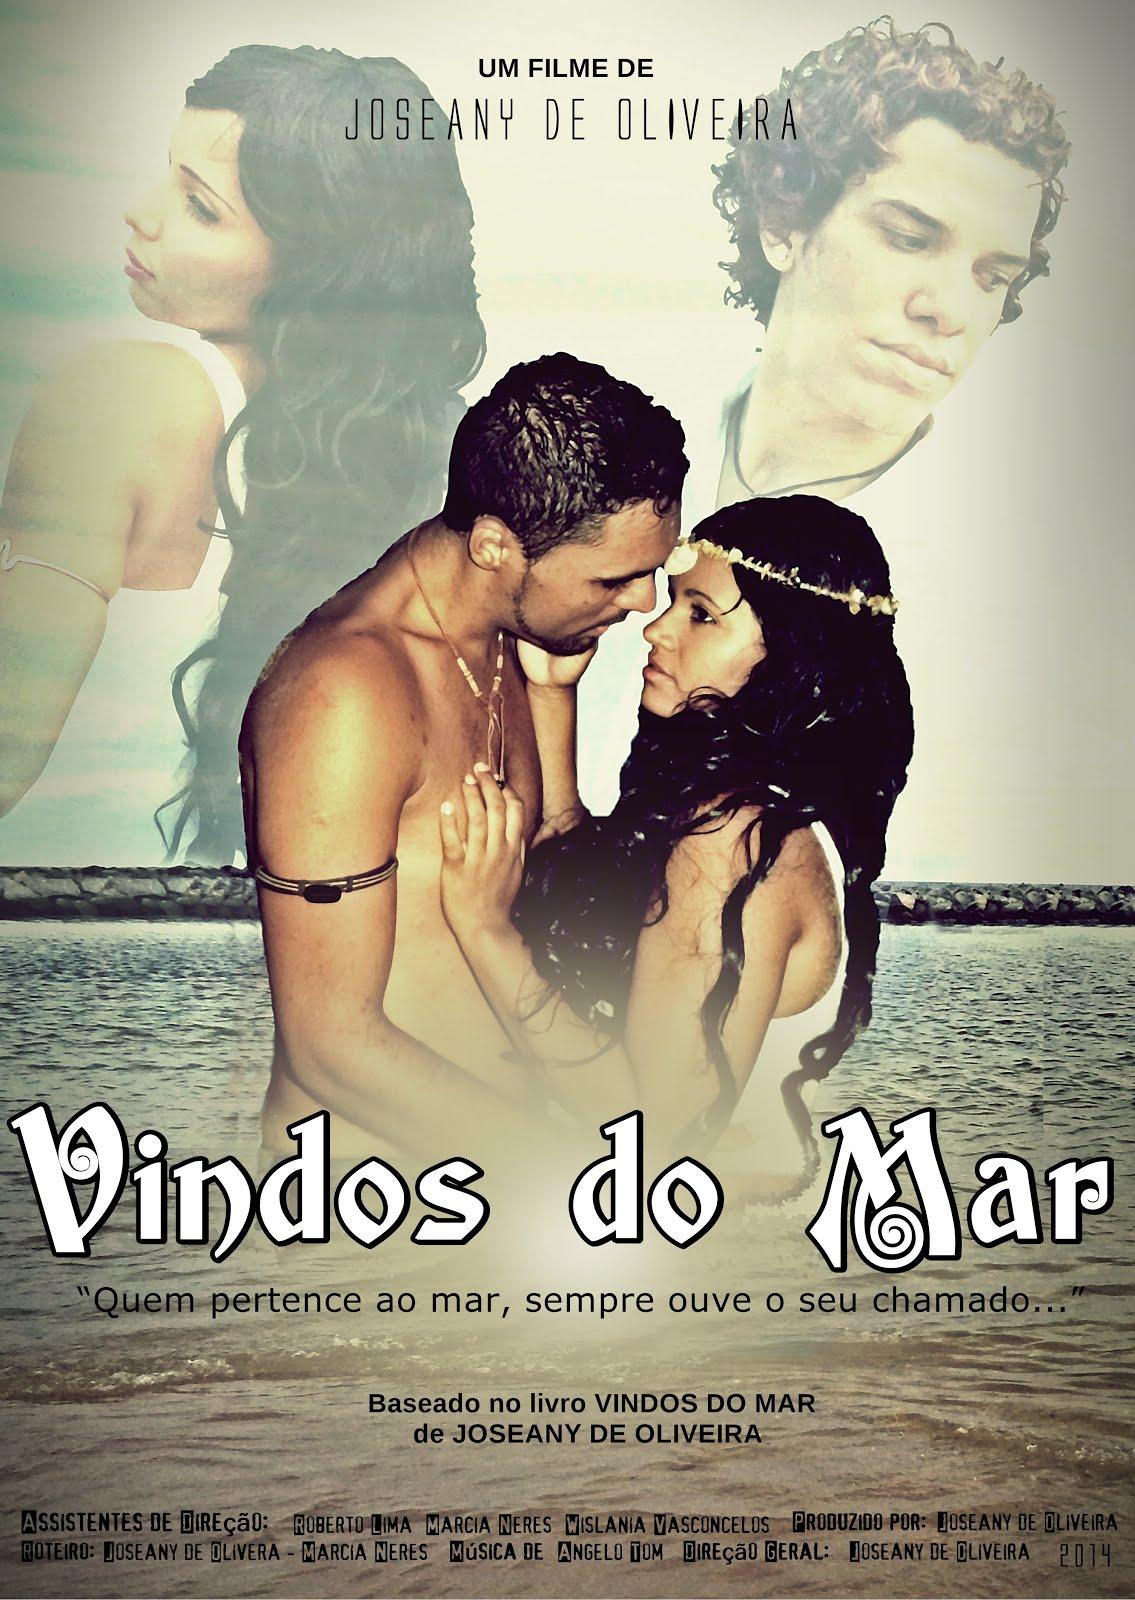 Filme Vindos do Mar - Produção e Direção: Joseany de Oliveira (Ano: 2014)